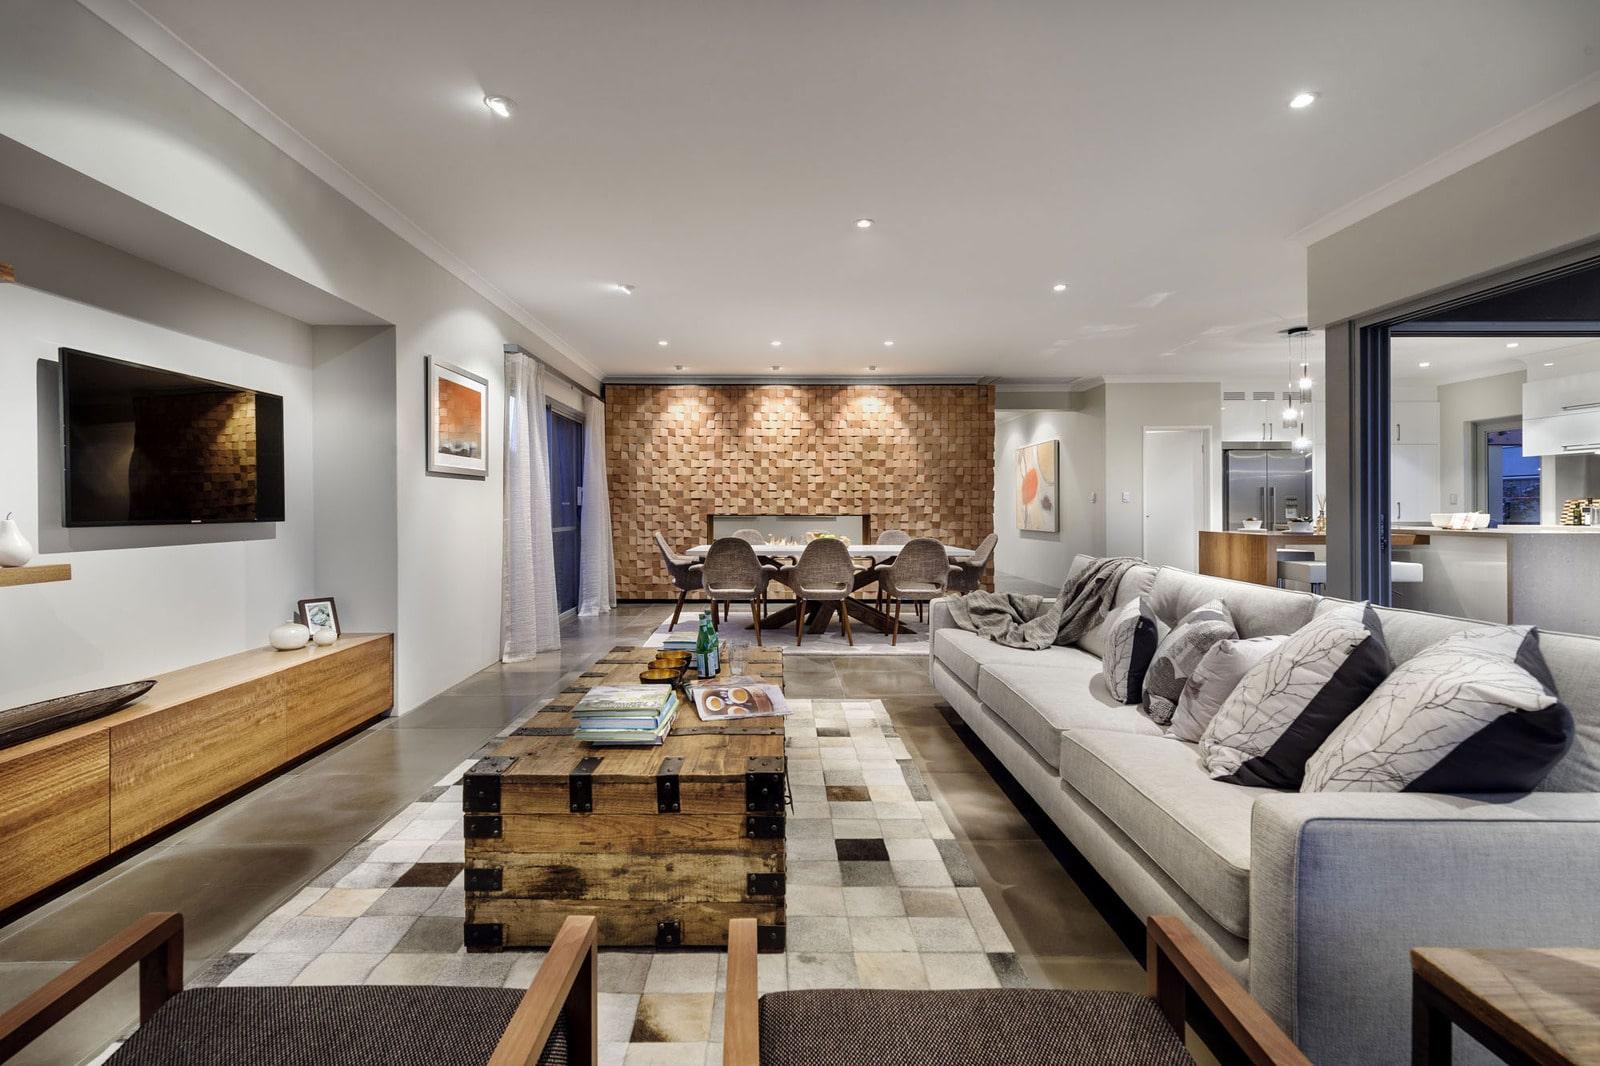 Dise o de casa moderna de dos pisos fachada e interiores for Diseno de interiores sala de estar